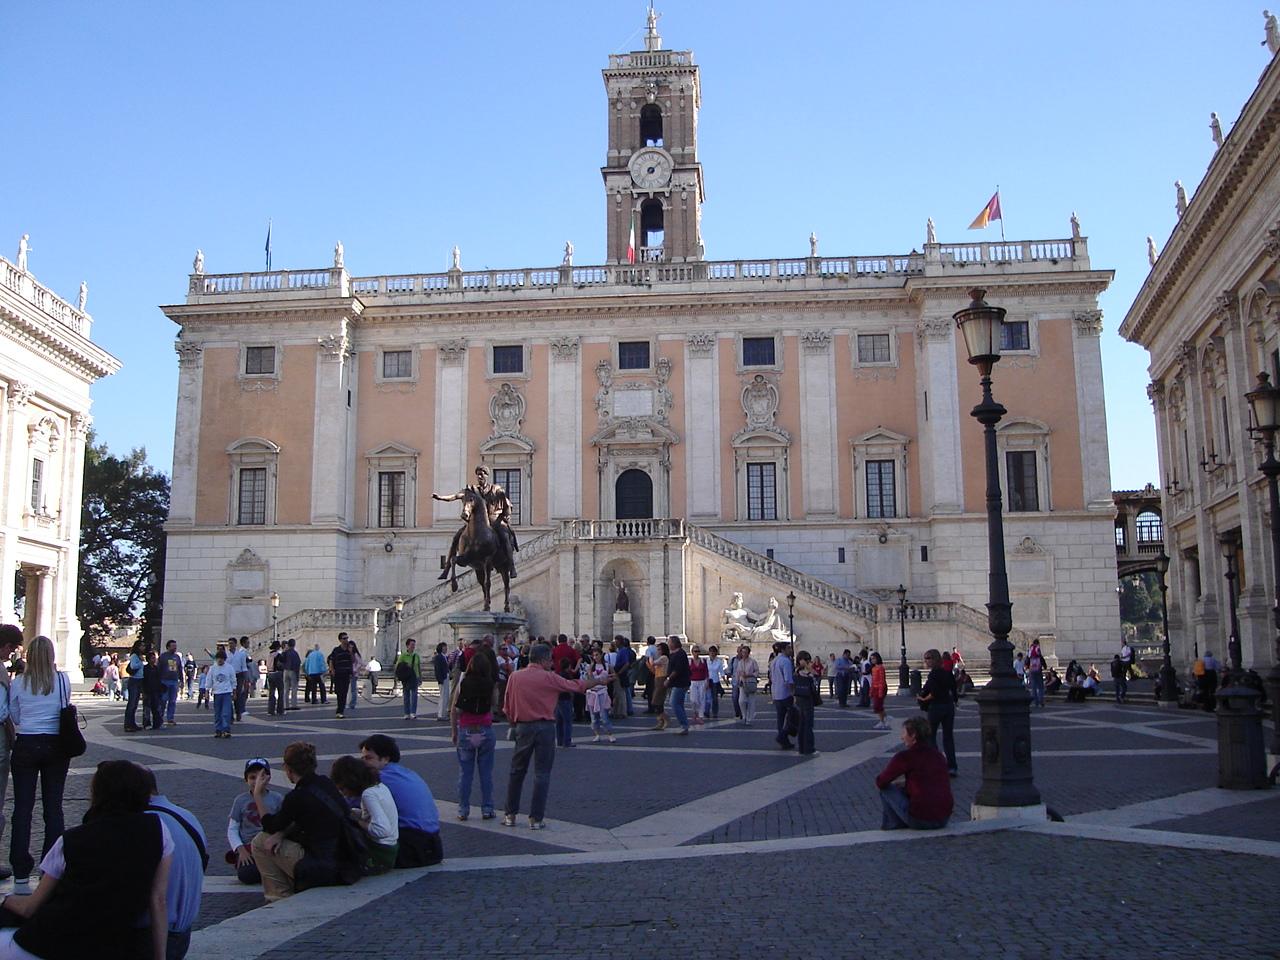 File:Palazzo Dei Senatori In The Piazza Del Campidoglio